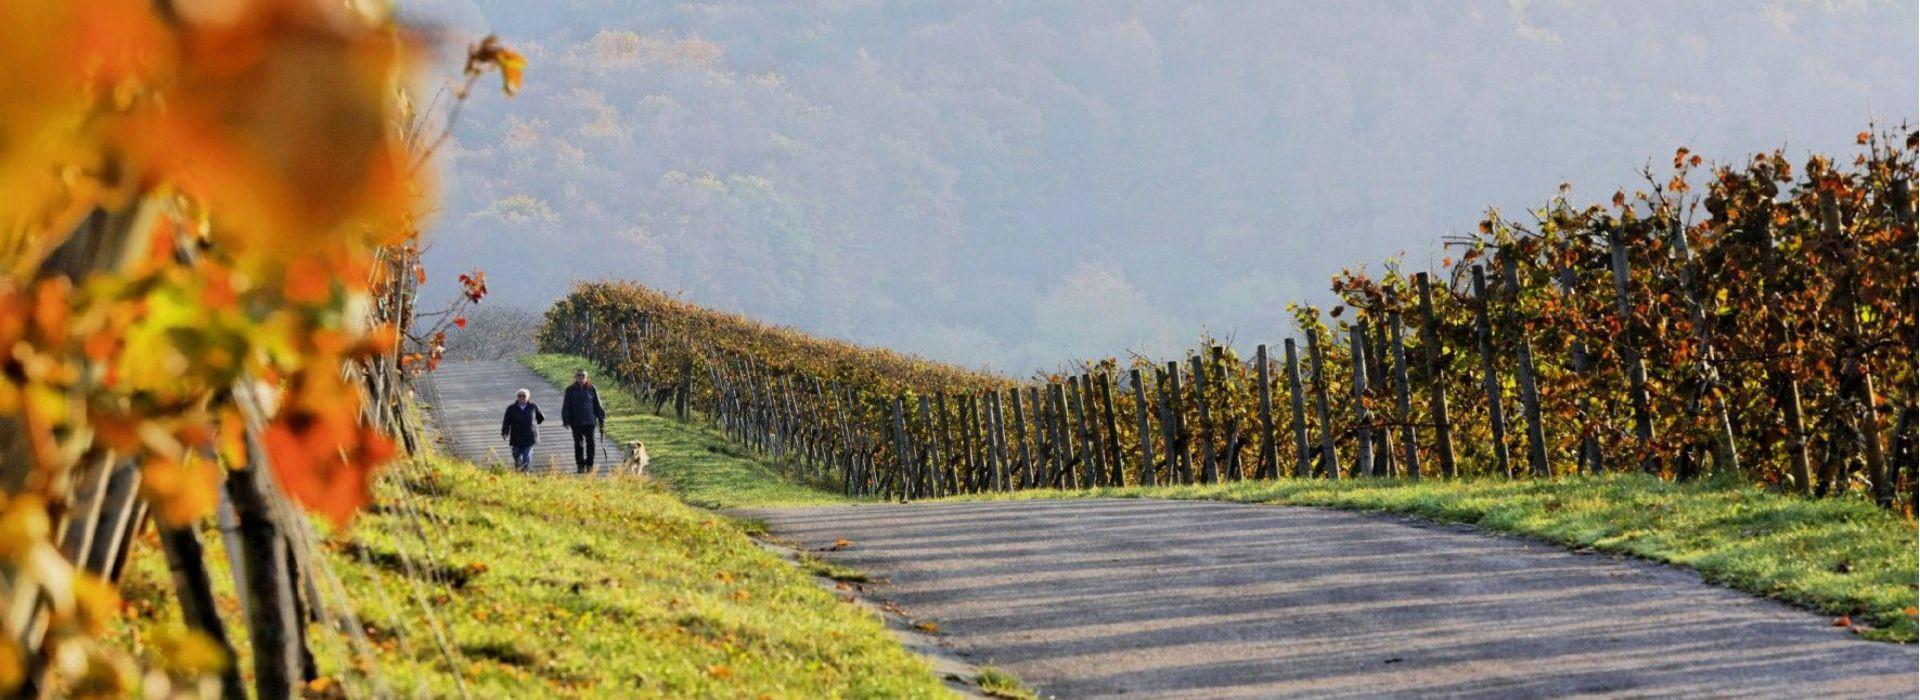 Wein-Berge von Metzingen